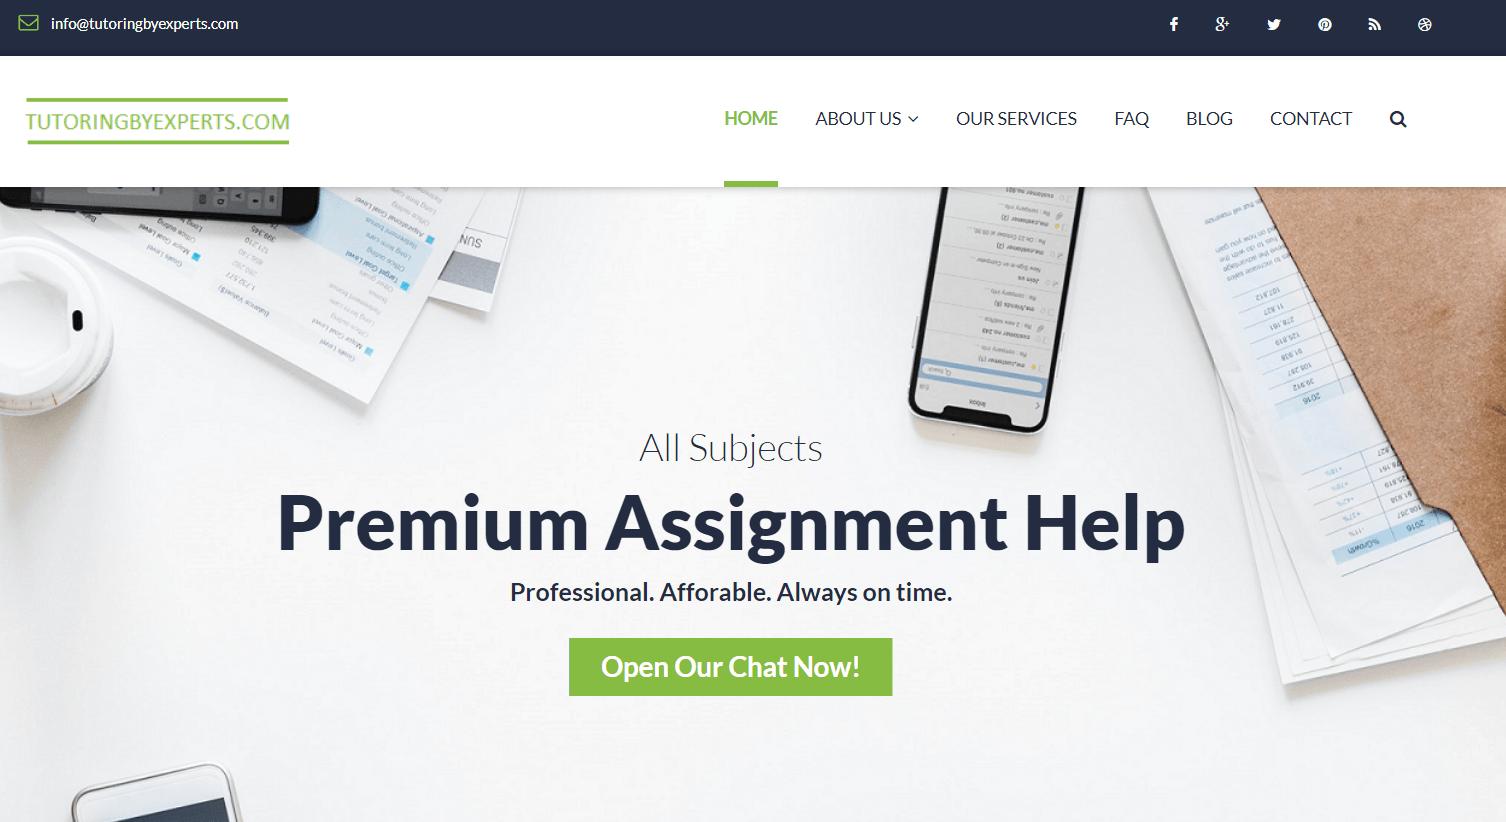 tutoringbyexperts.com